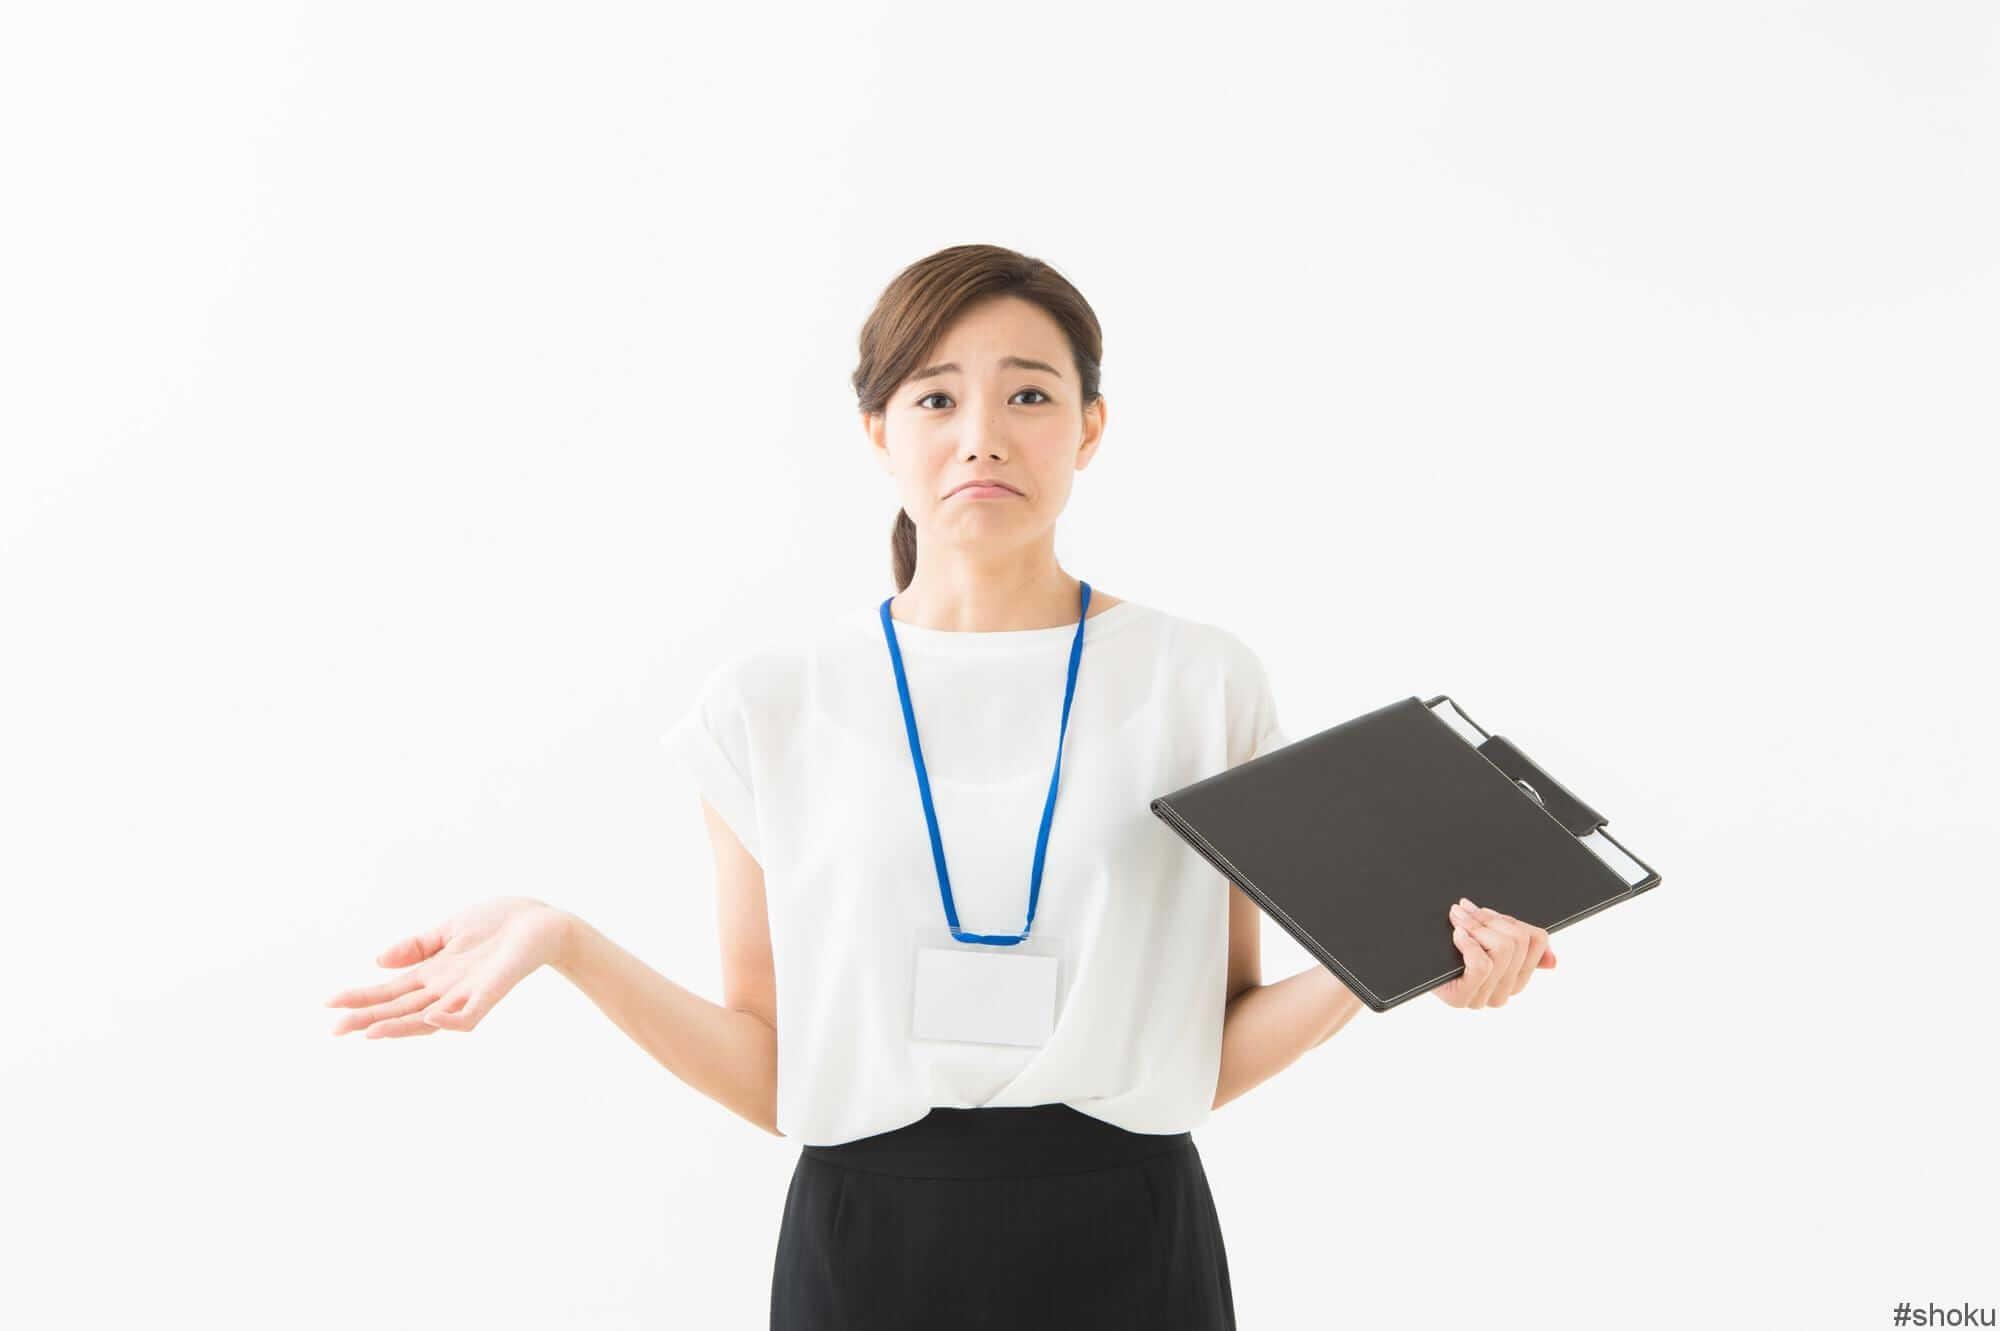 営業事務と一般事務の違いが分からない女性